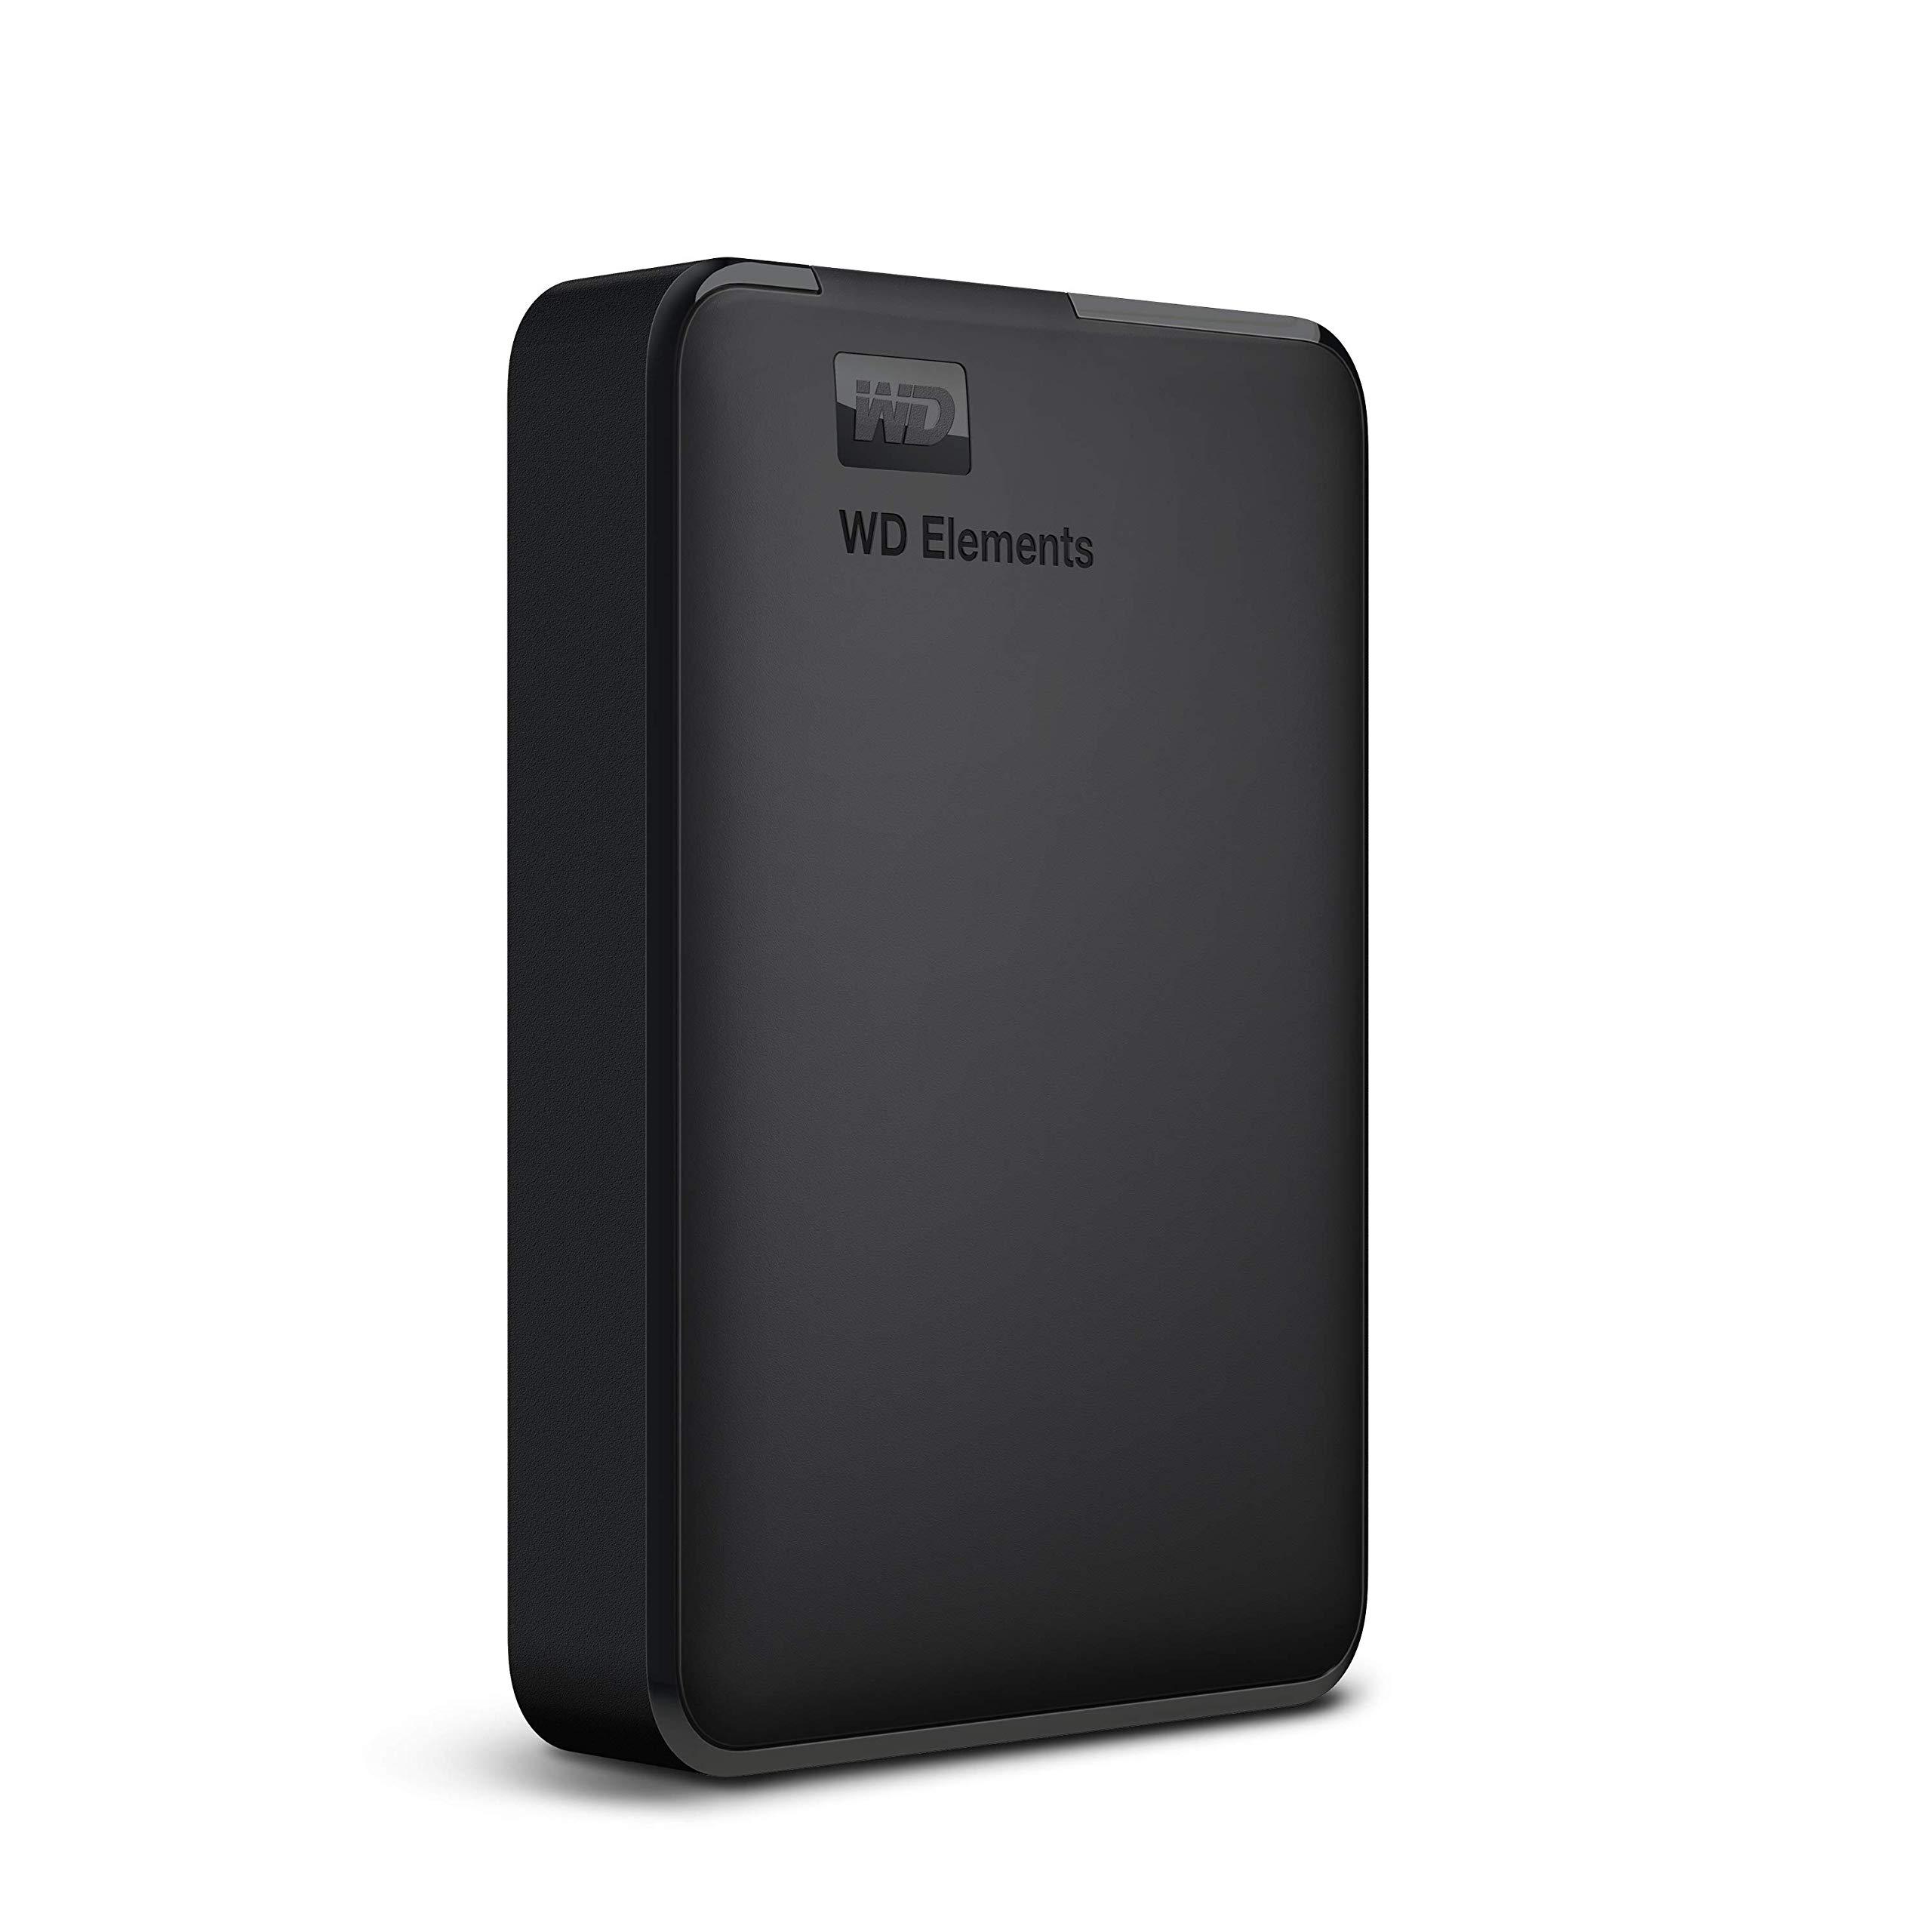 WD 3TB Elements Portable External Hard Drive - USB 3.0 - WDBU6Y0030BBK-WESN by Western Digital (Image #3)